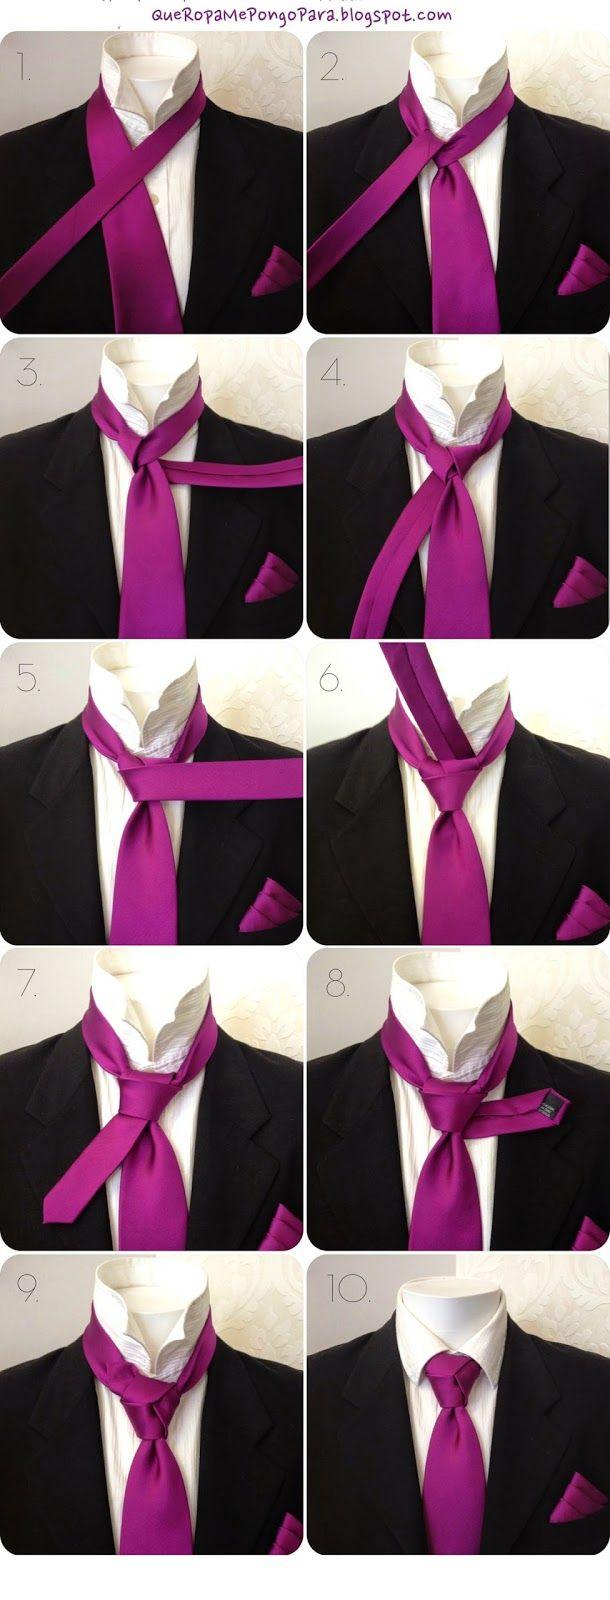 Nudo de corbata Trinity - Tie the knot trinity - TREBOL - Nudos de corbata innovadores y juveniles